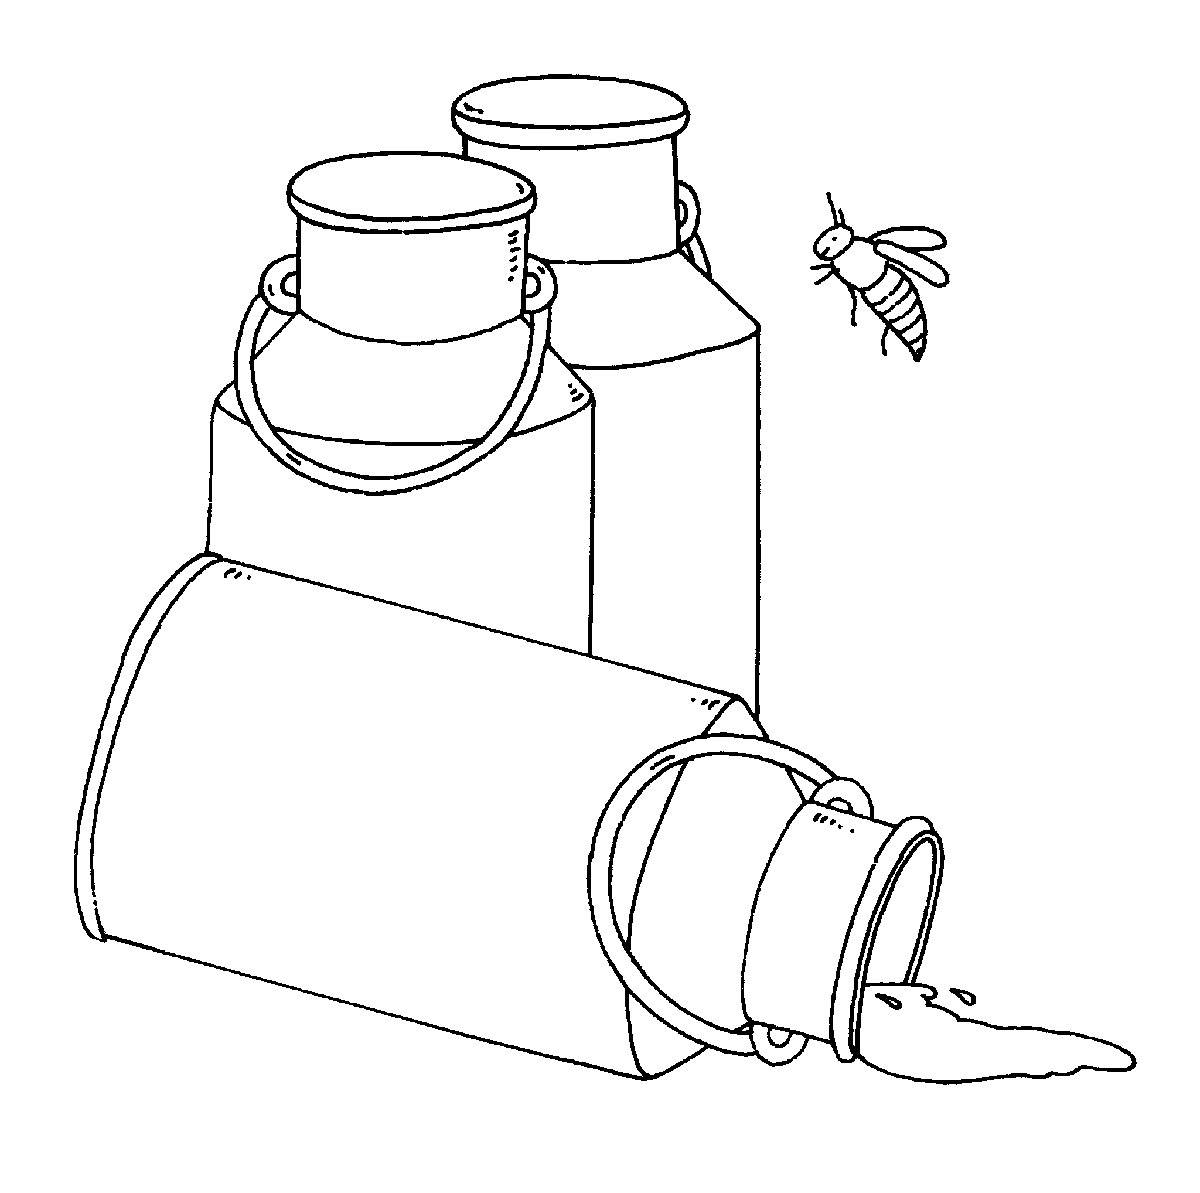 Malvorlagen für milchkannen